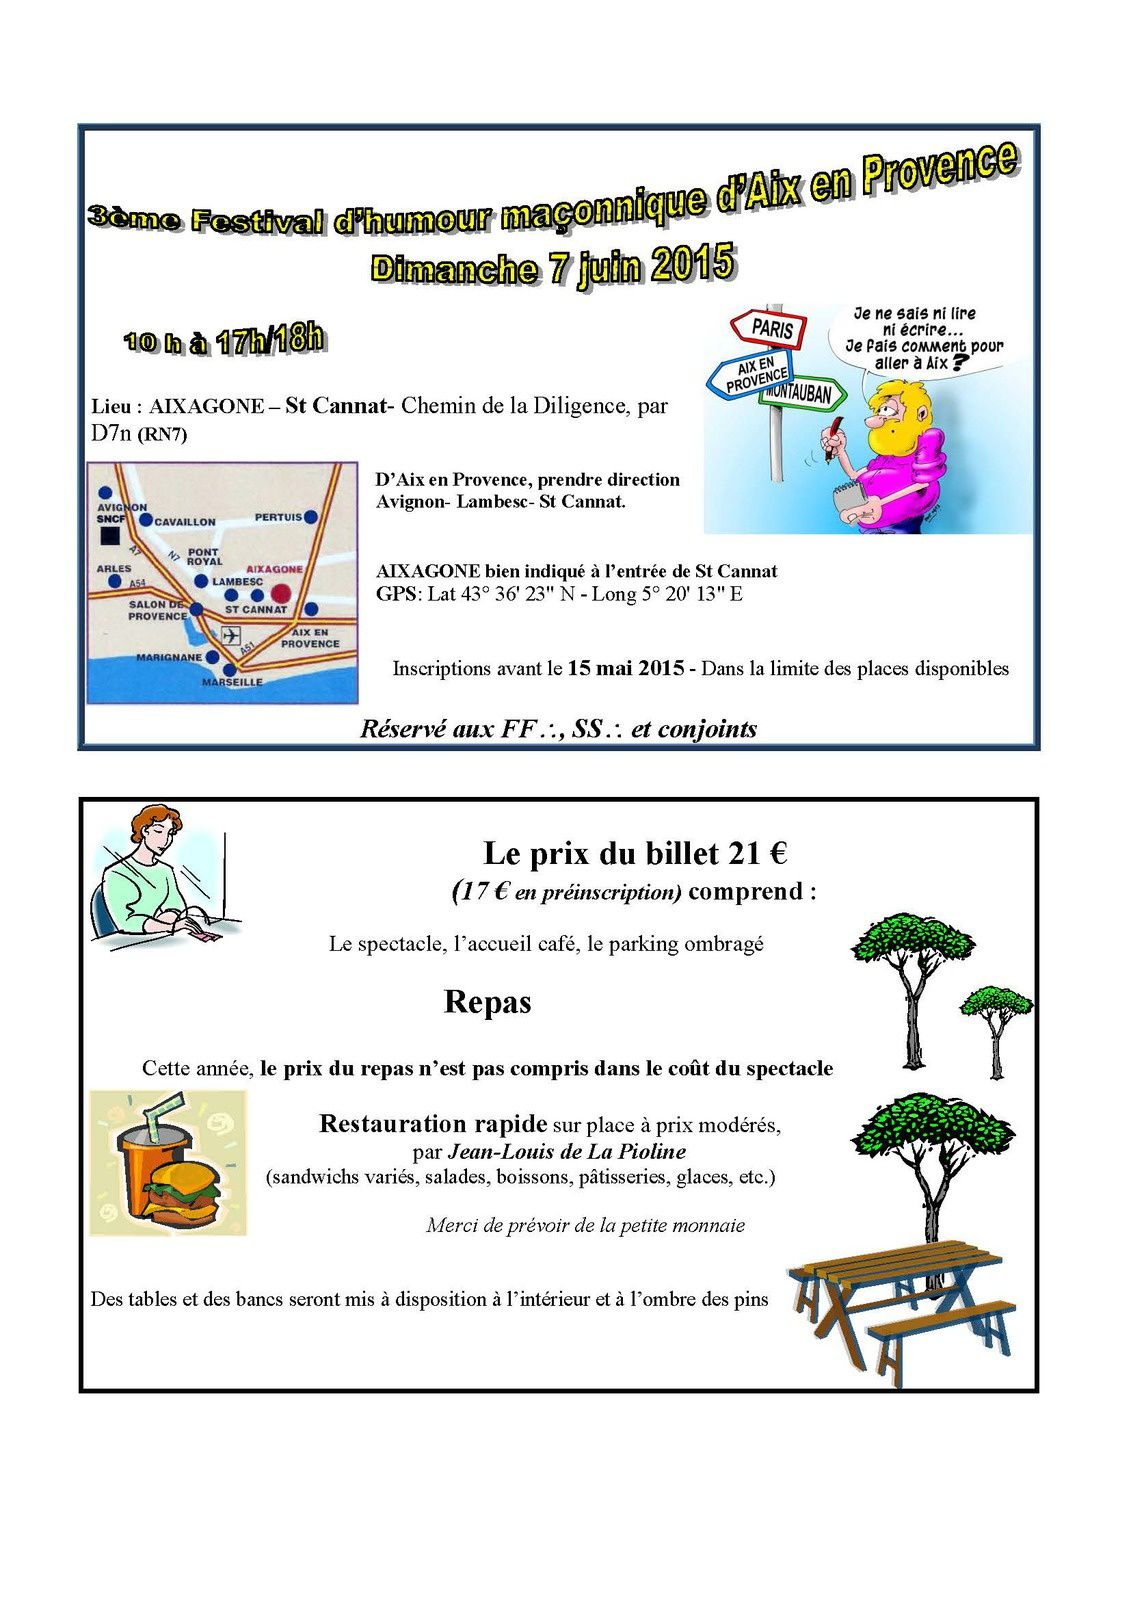 Festival d'Humour Maçonnique à Aix-en-Provence le 7 juin 2015.